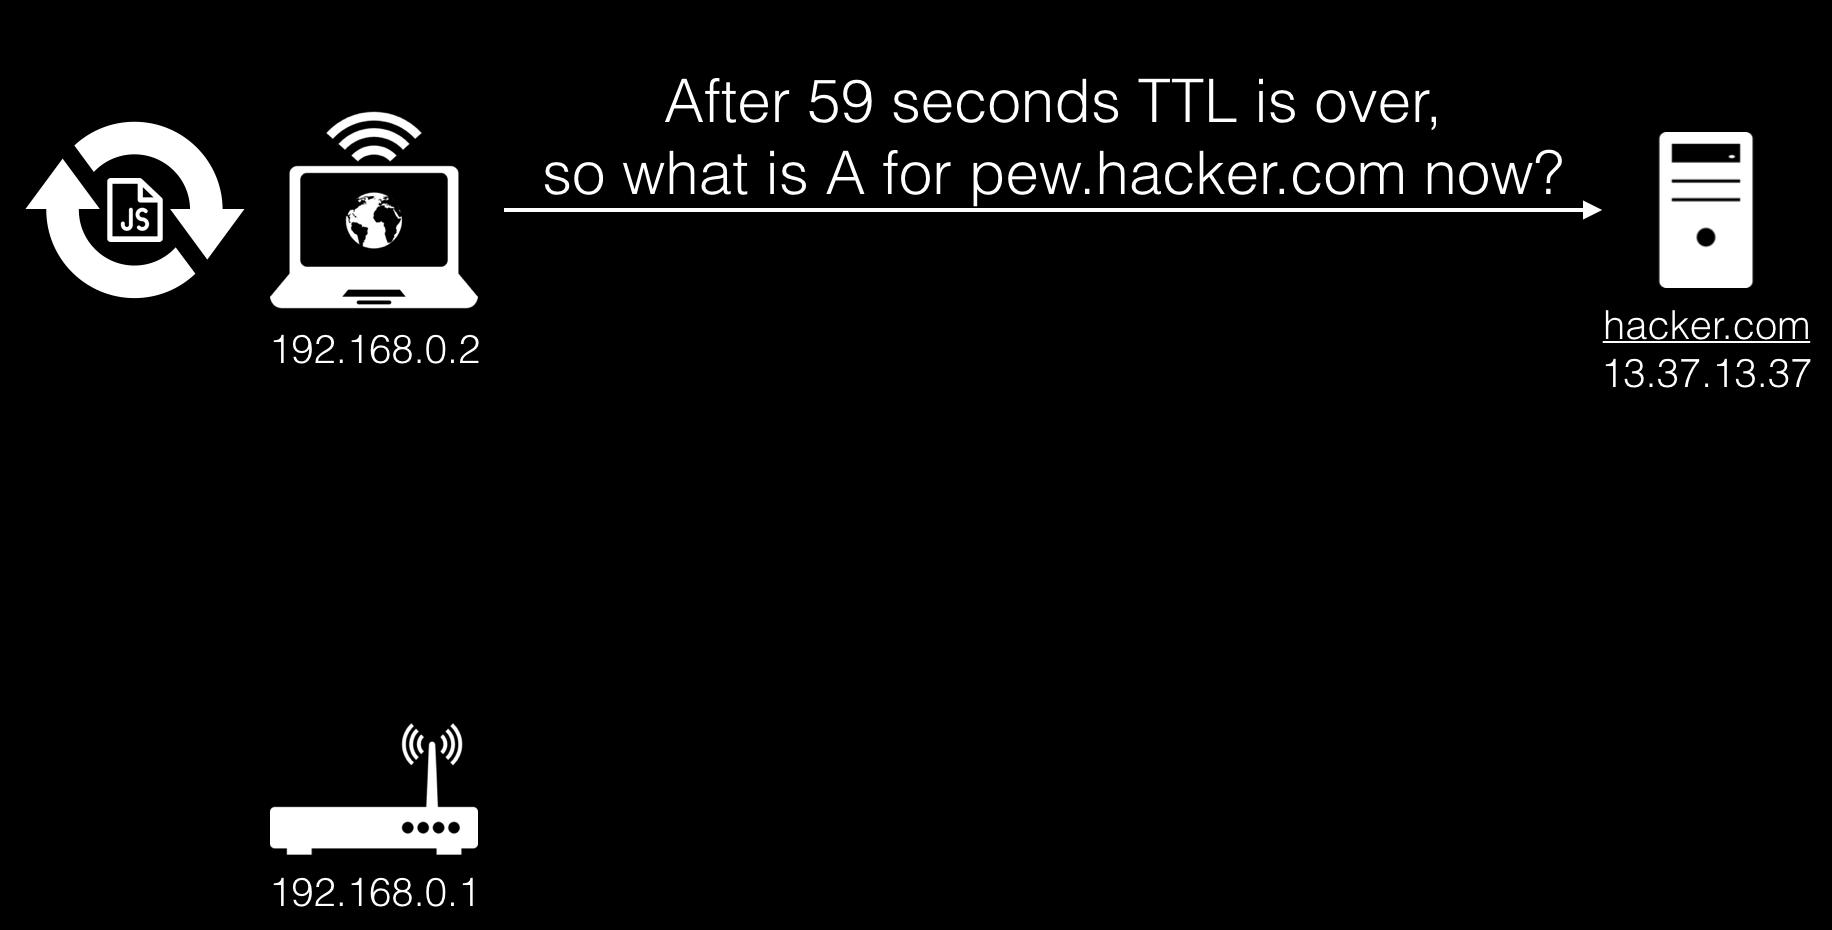 DNS rebinding в 2k19, или как по-настоящему вспотеть, посетив порносайт - 7